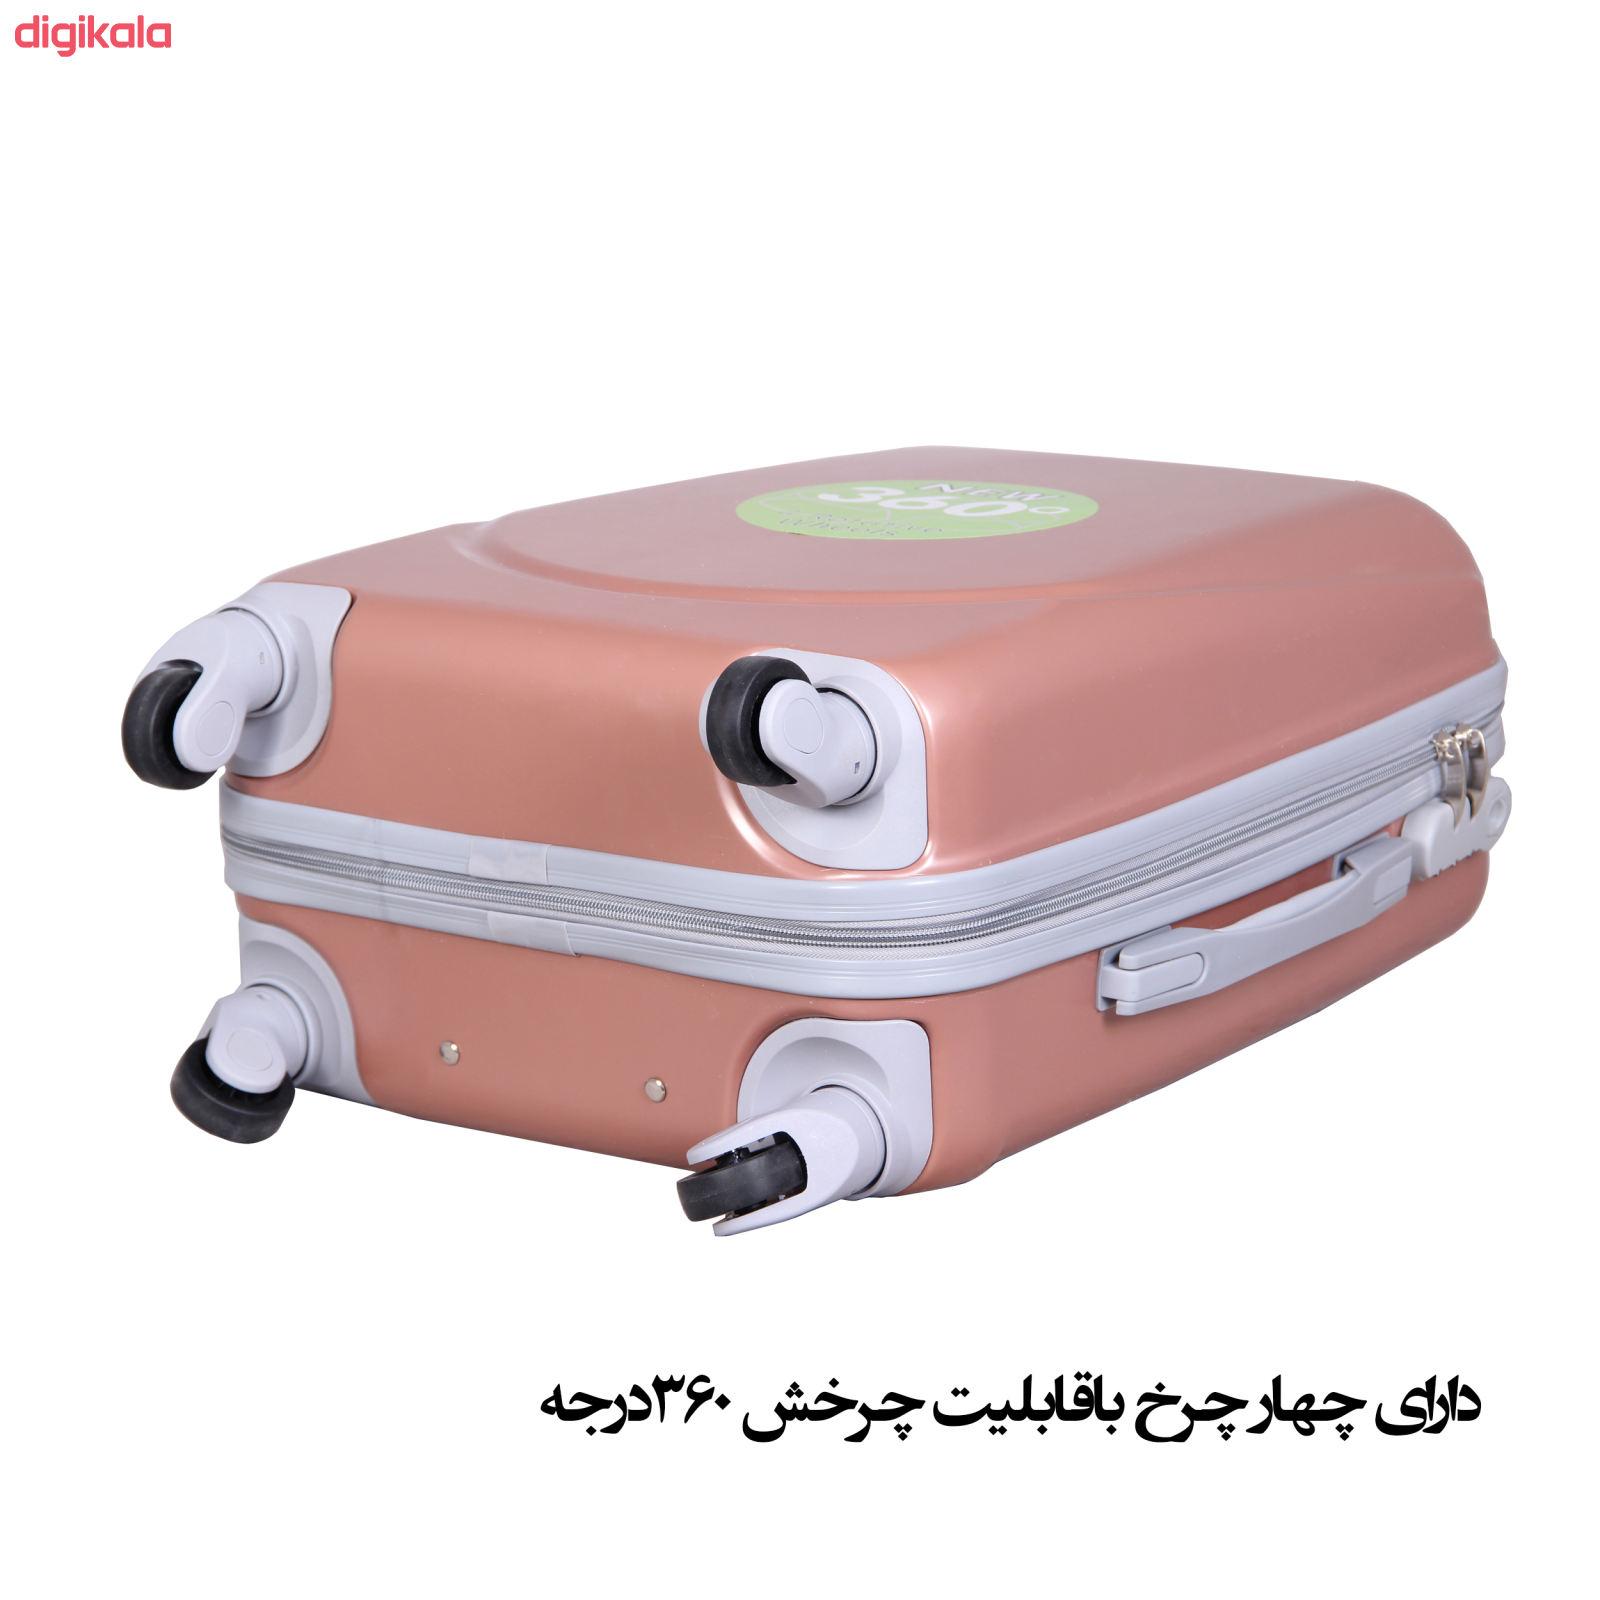 مجموعه سه عدی چمدان مدل 300 main 1 11